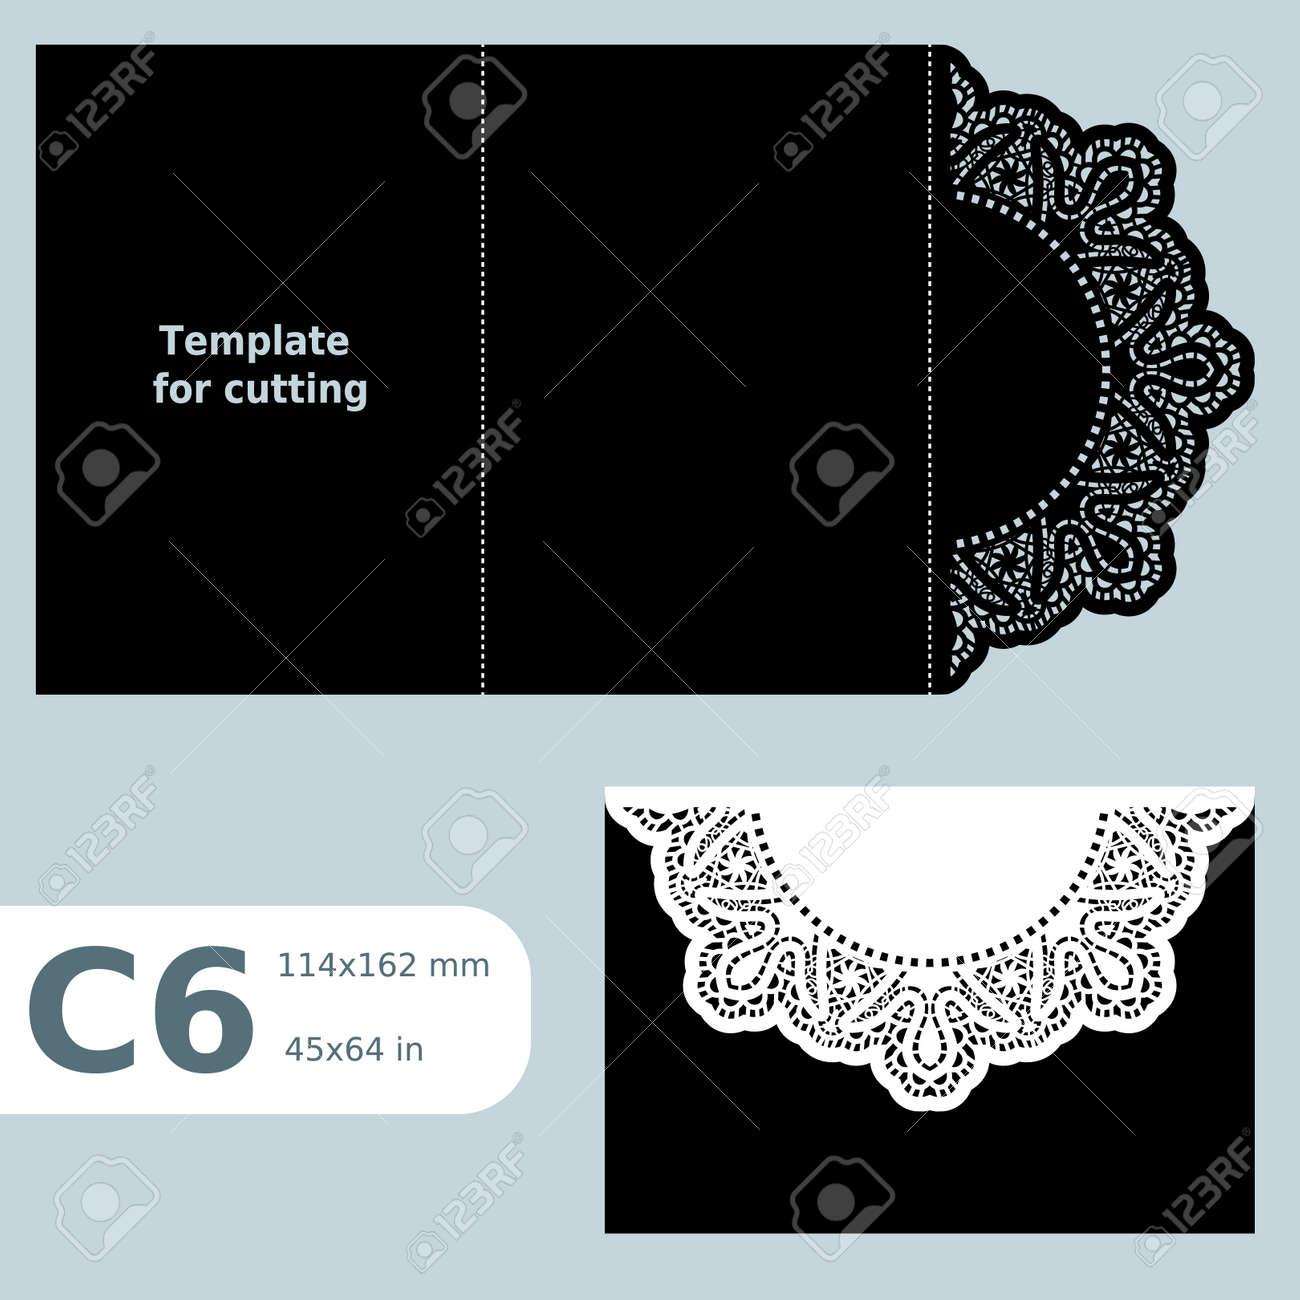 C6 Papier Ajoure Carte De Visite Modele Pour La Coupe Invitation